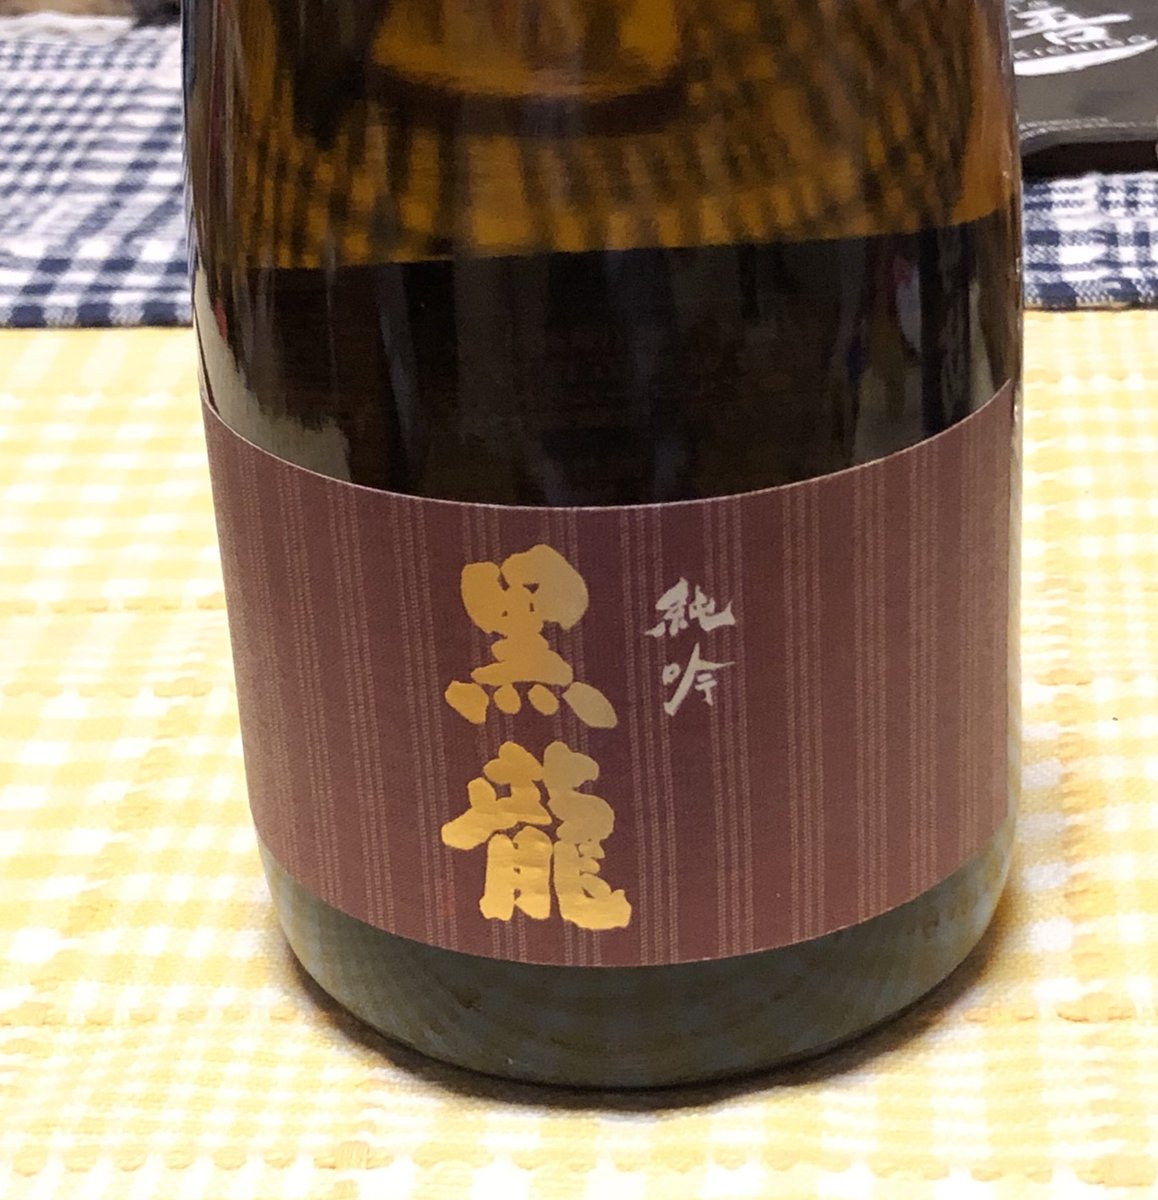 """test ツイッターメディア - そういえば先日に日本酒の """"黒龍"""" を取り寄せてみたり。福井のお酒ね。訪れがちな近場の串焼屋さんで初めて銘柄を意識したときに選んでみたのですけど、それから何かと気に入っていて。 https://t.co/3j2vgCMp73"""